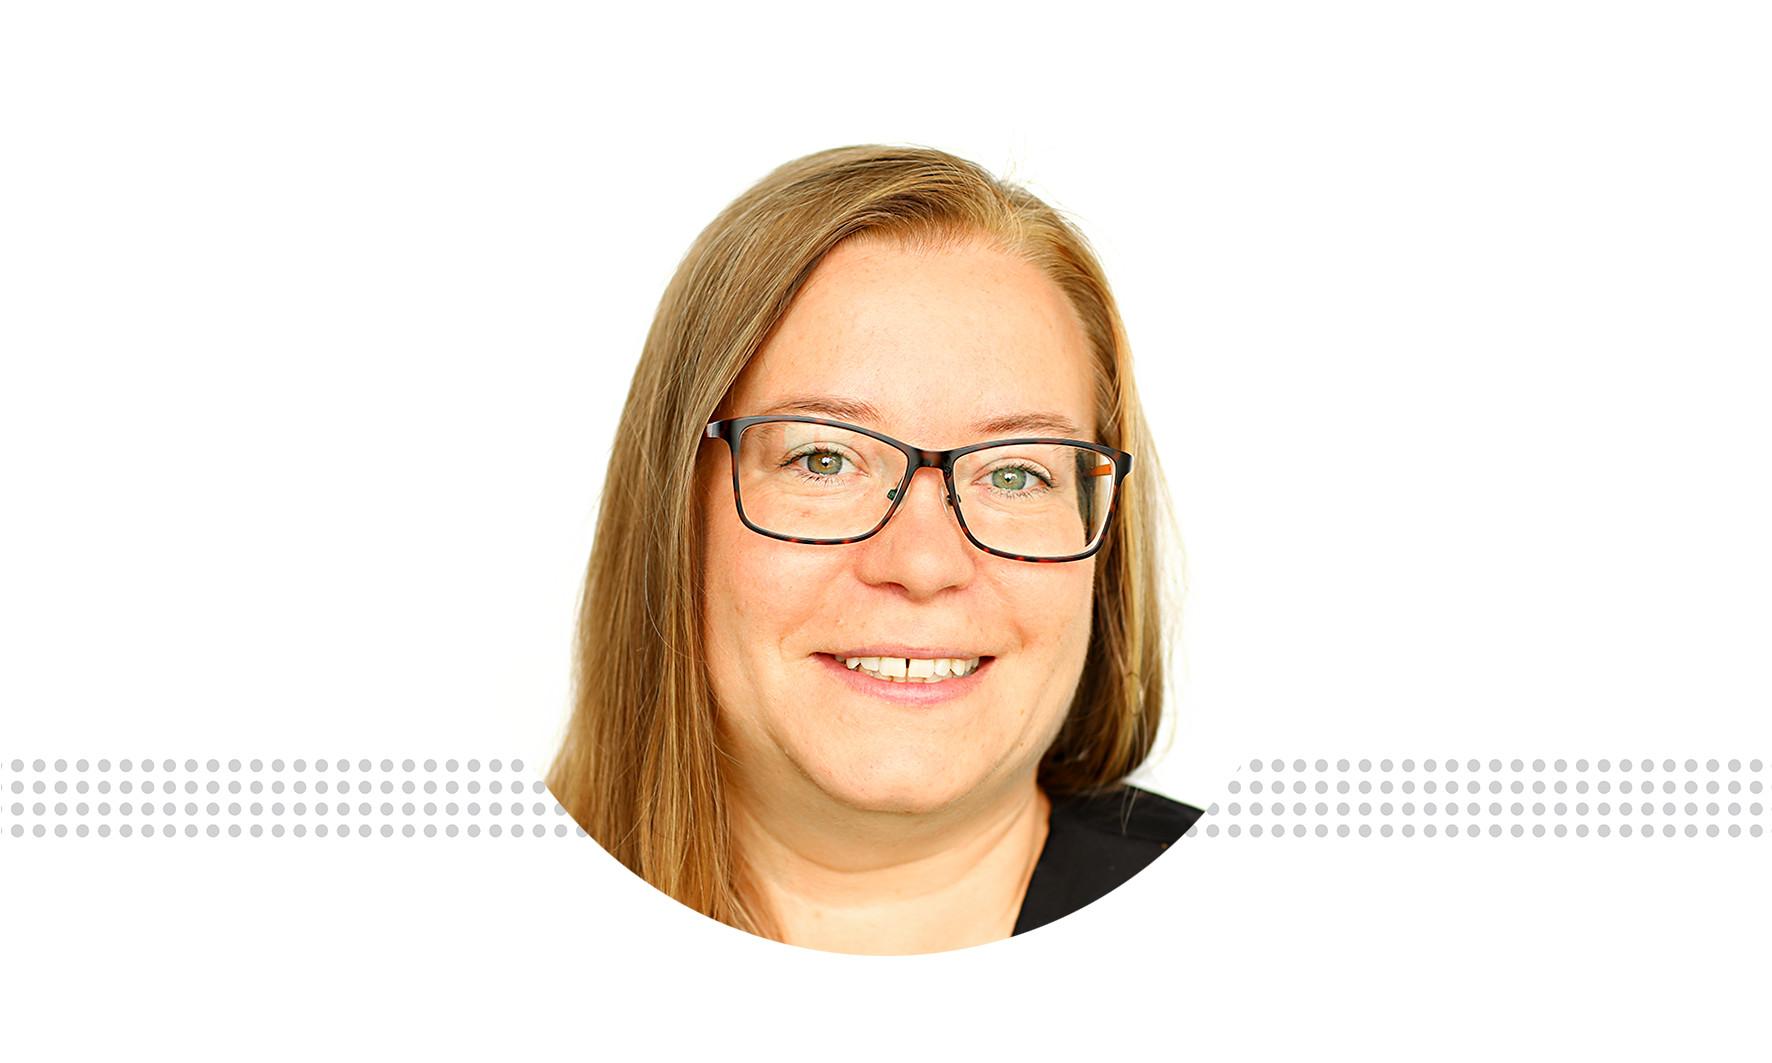 Melanie Lehmann